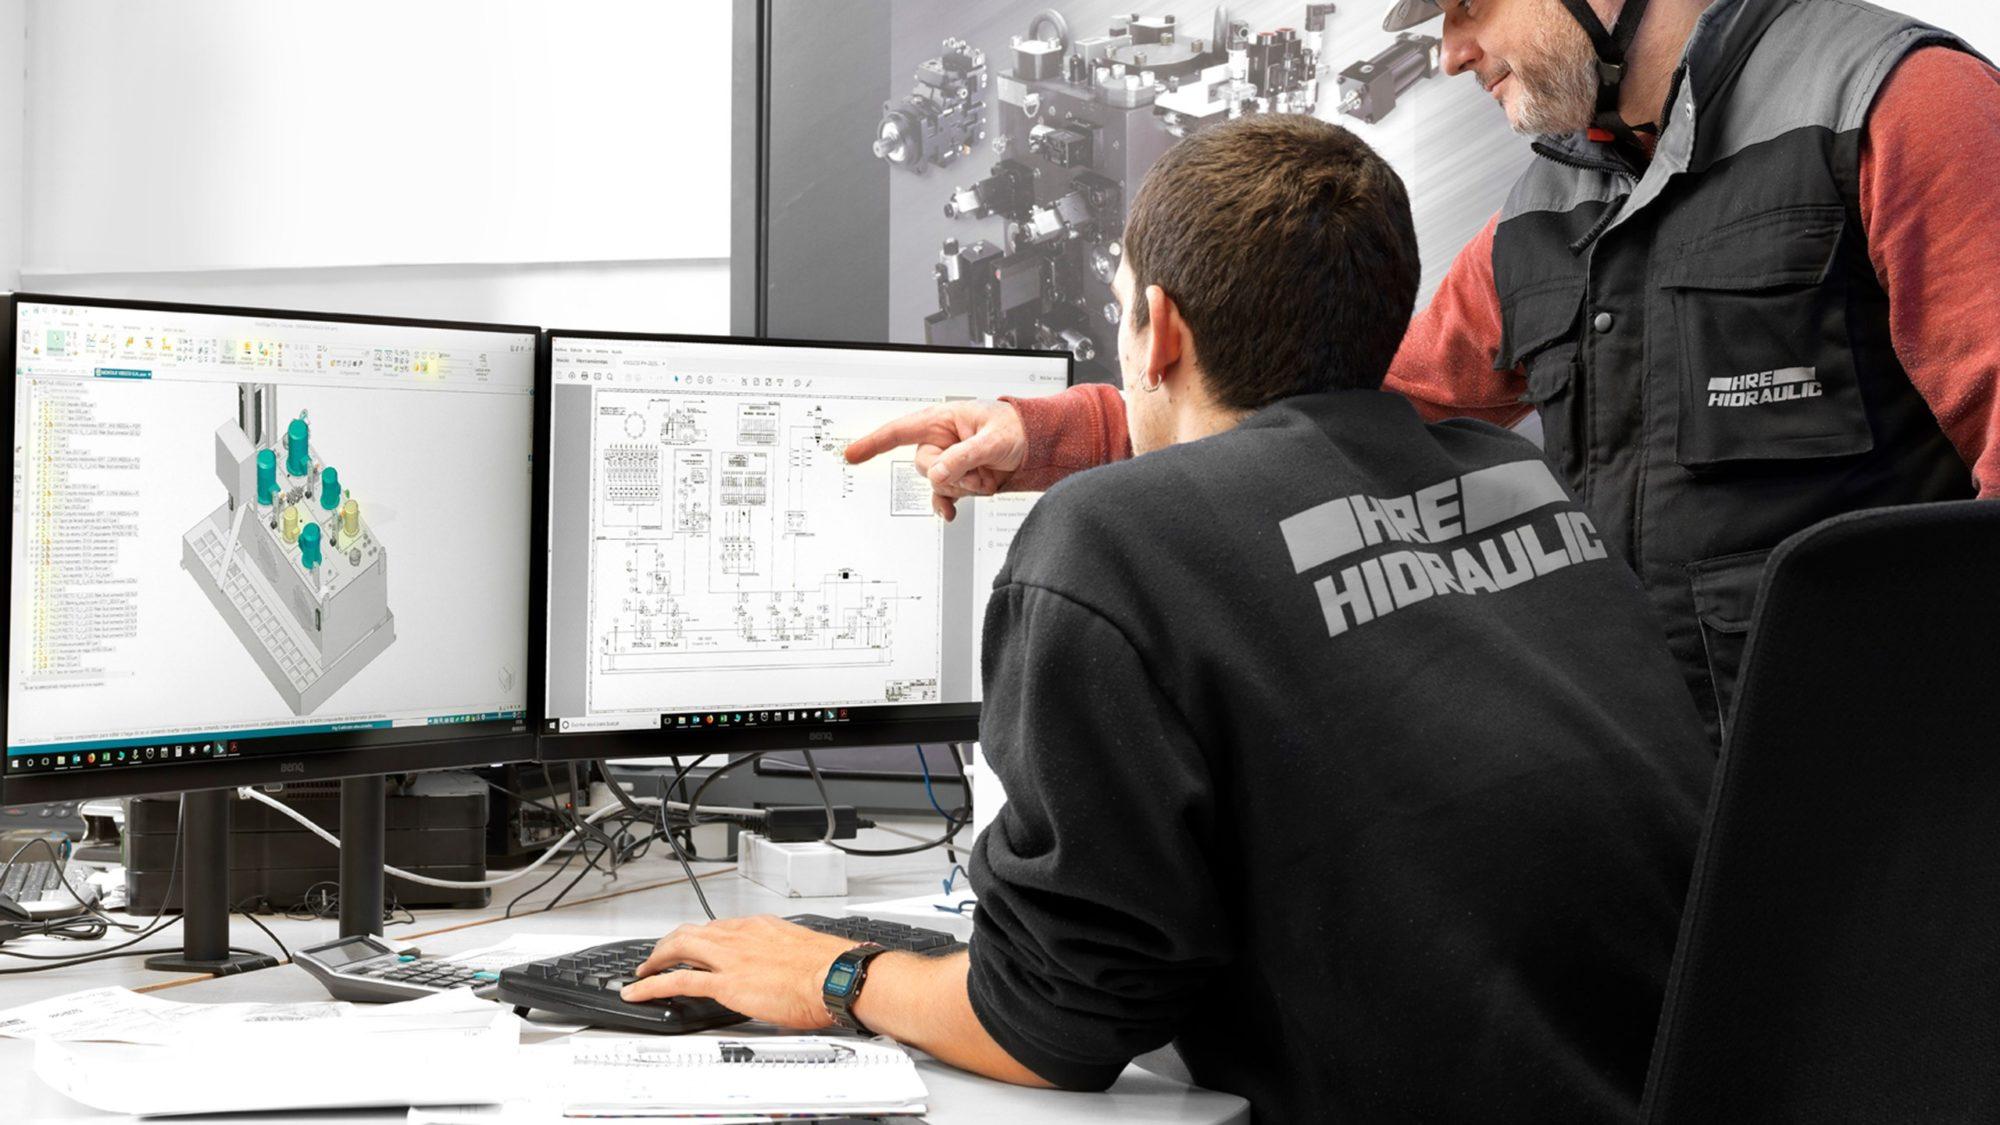 Becas Prácticas profesionales remuneradas en HRE hidraulic con Fundación Novia Salcedo